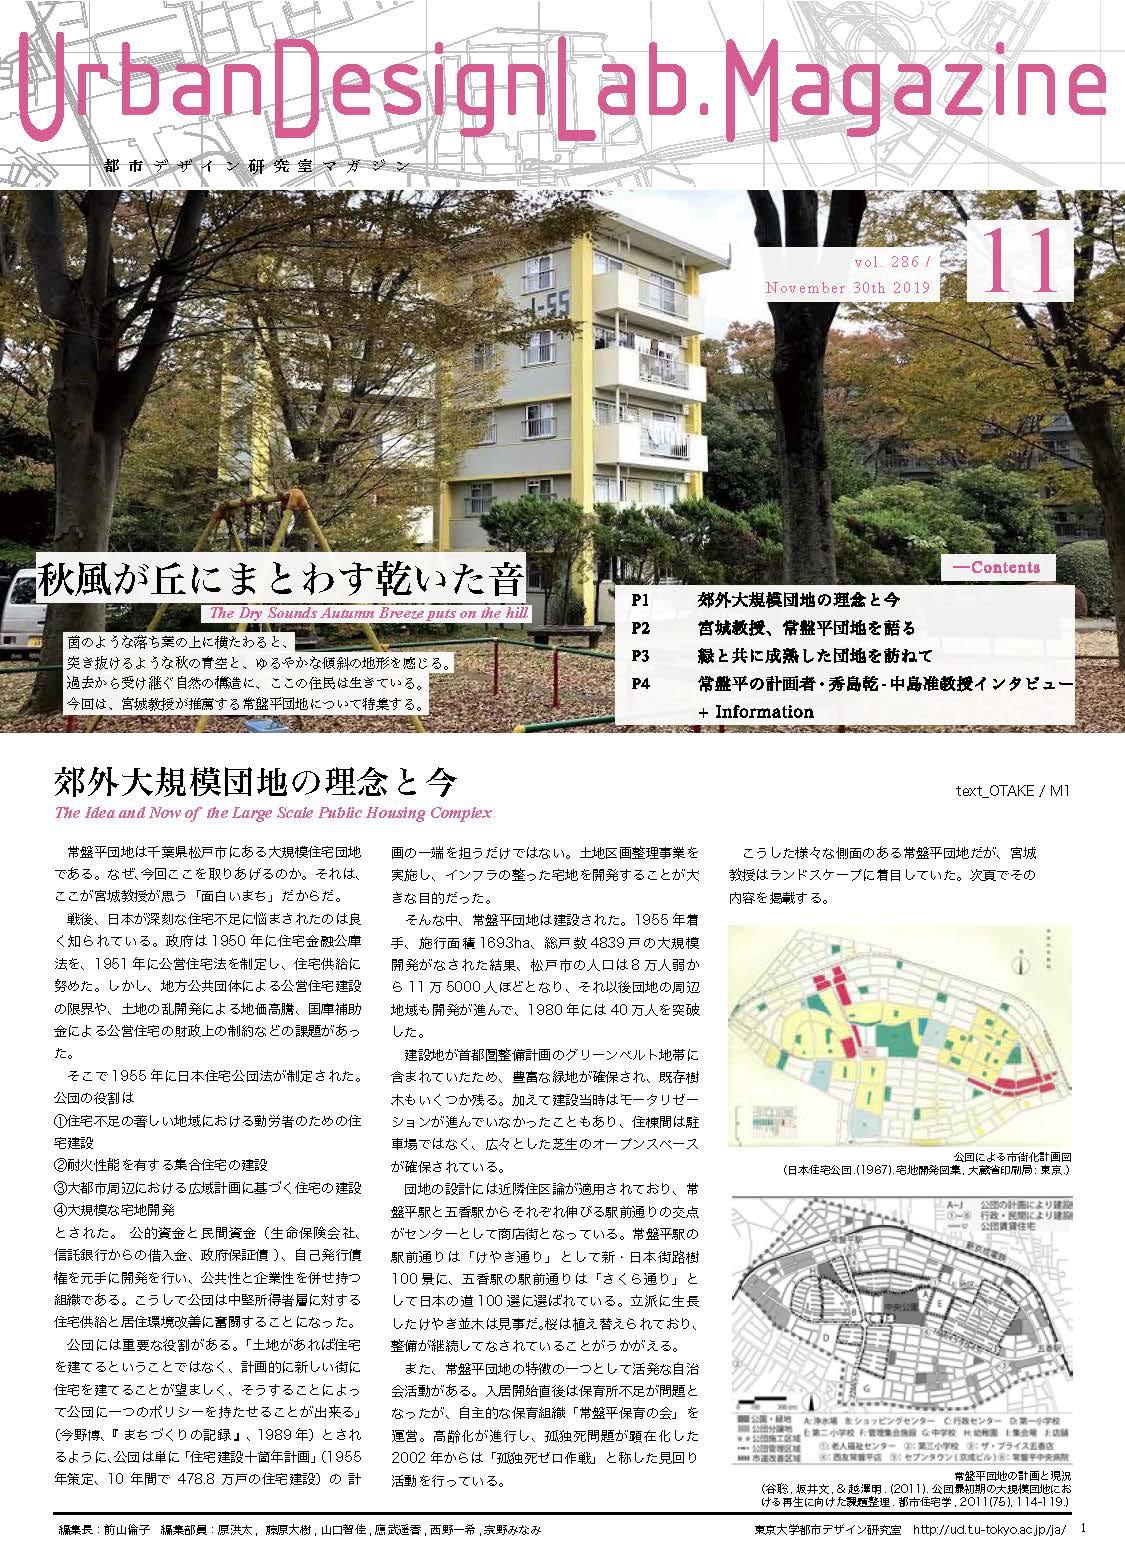 http://ud.t.u-tokyo.ac.jp/blog/_images/286_%E3%83%9A%E3%83%BC%E3%82%B8_1.jpg